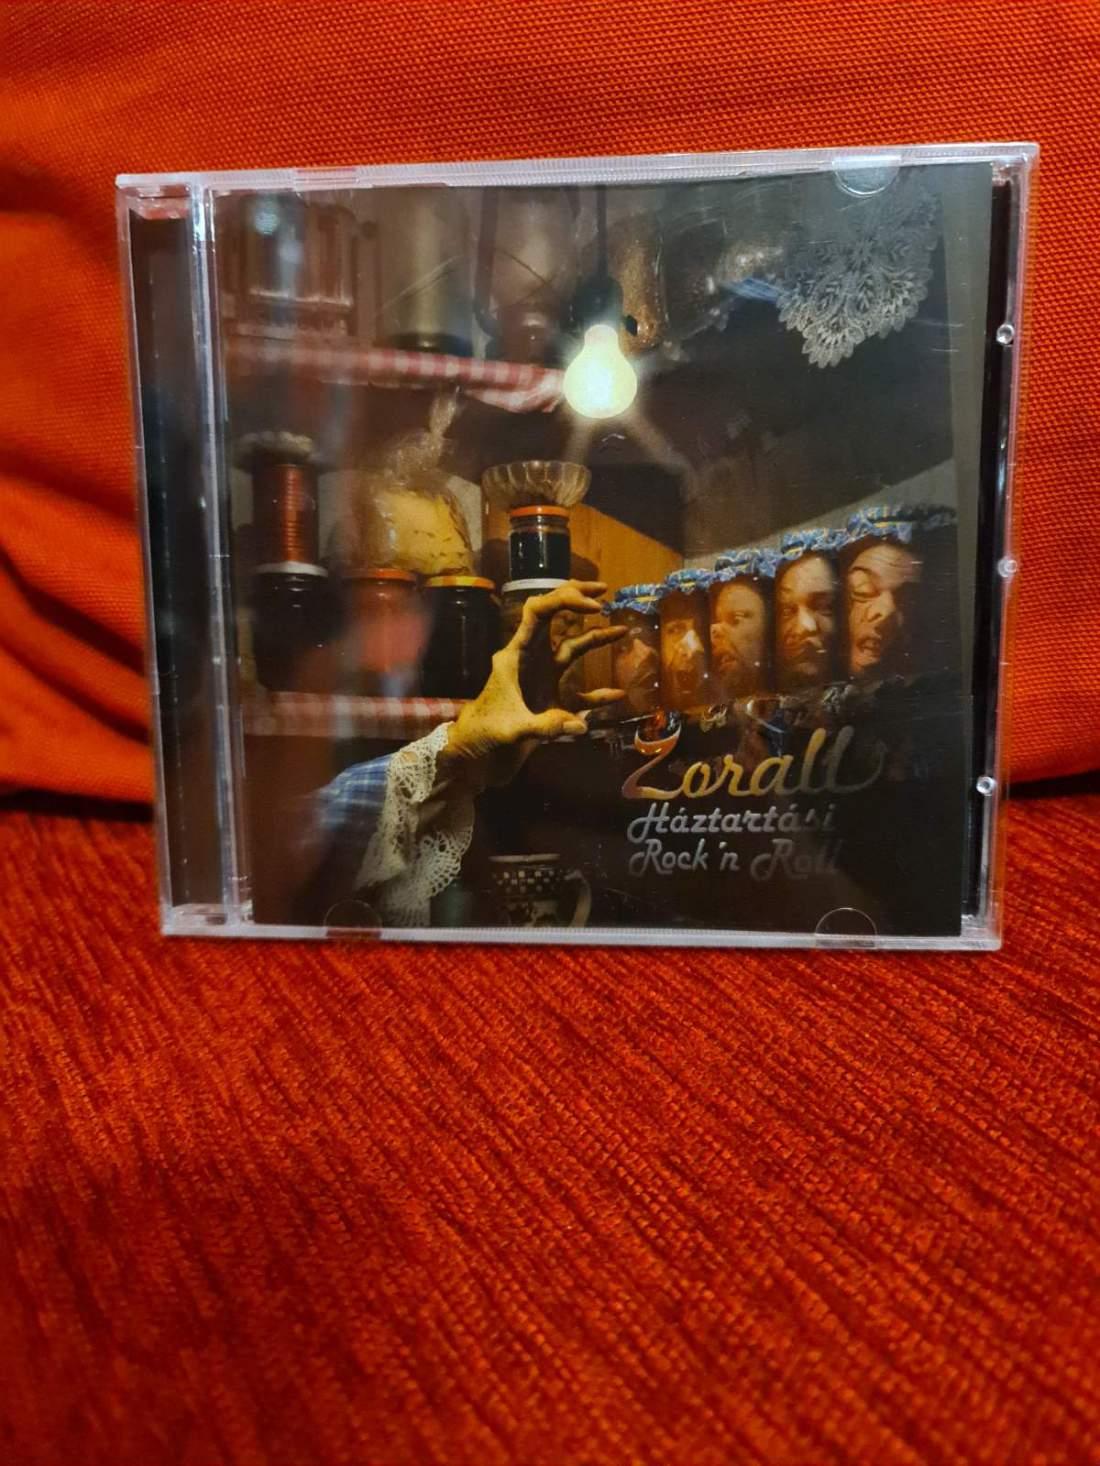 """ZORALL - HÁZTARTÁSI ROCK """"N"""" ROLL CD"""